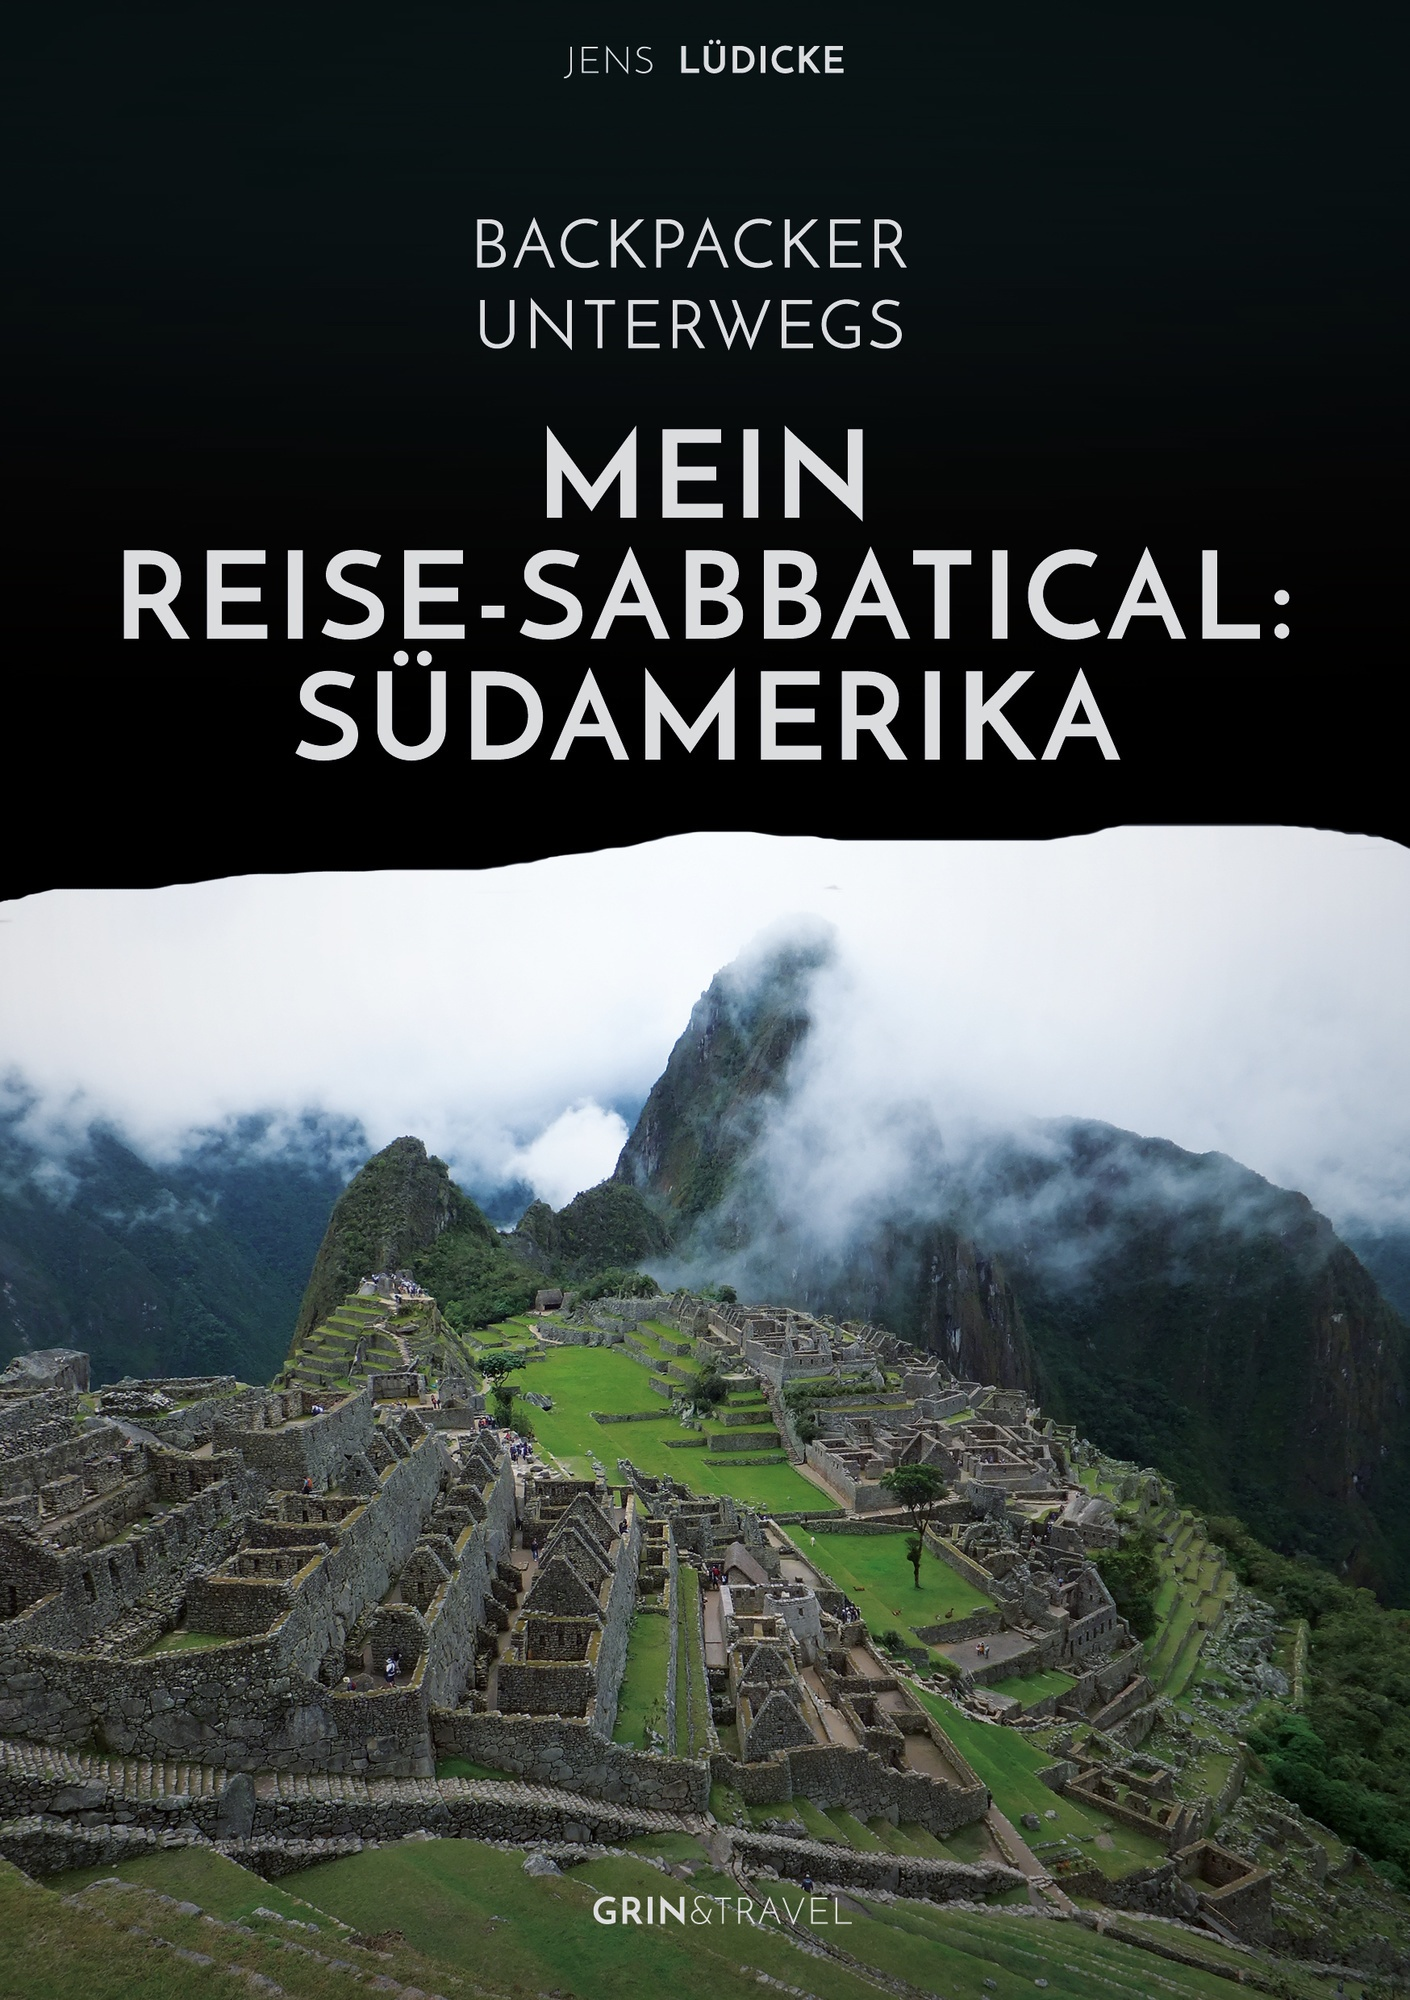 Titel: Backpacker unterwegs: Mein Reise-Sabbatical. Südamerika